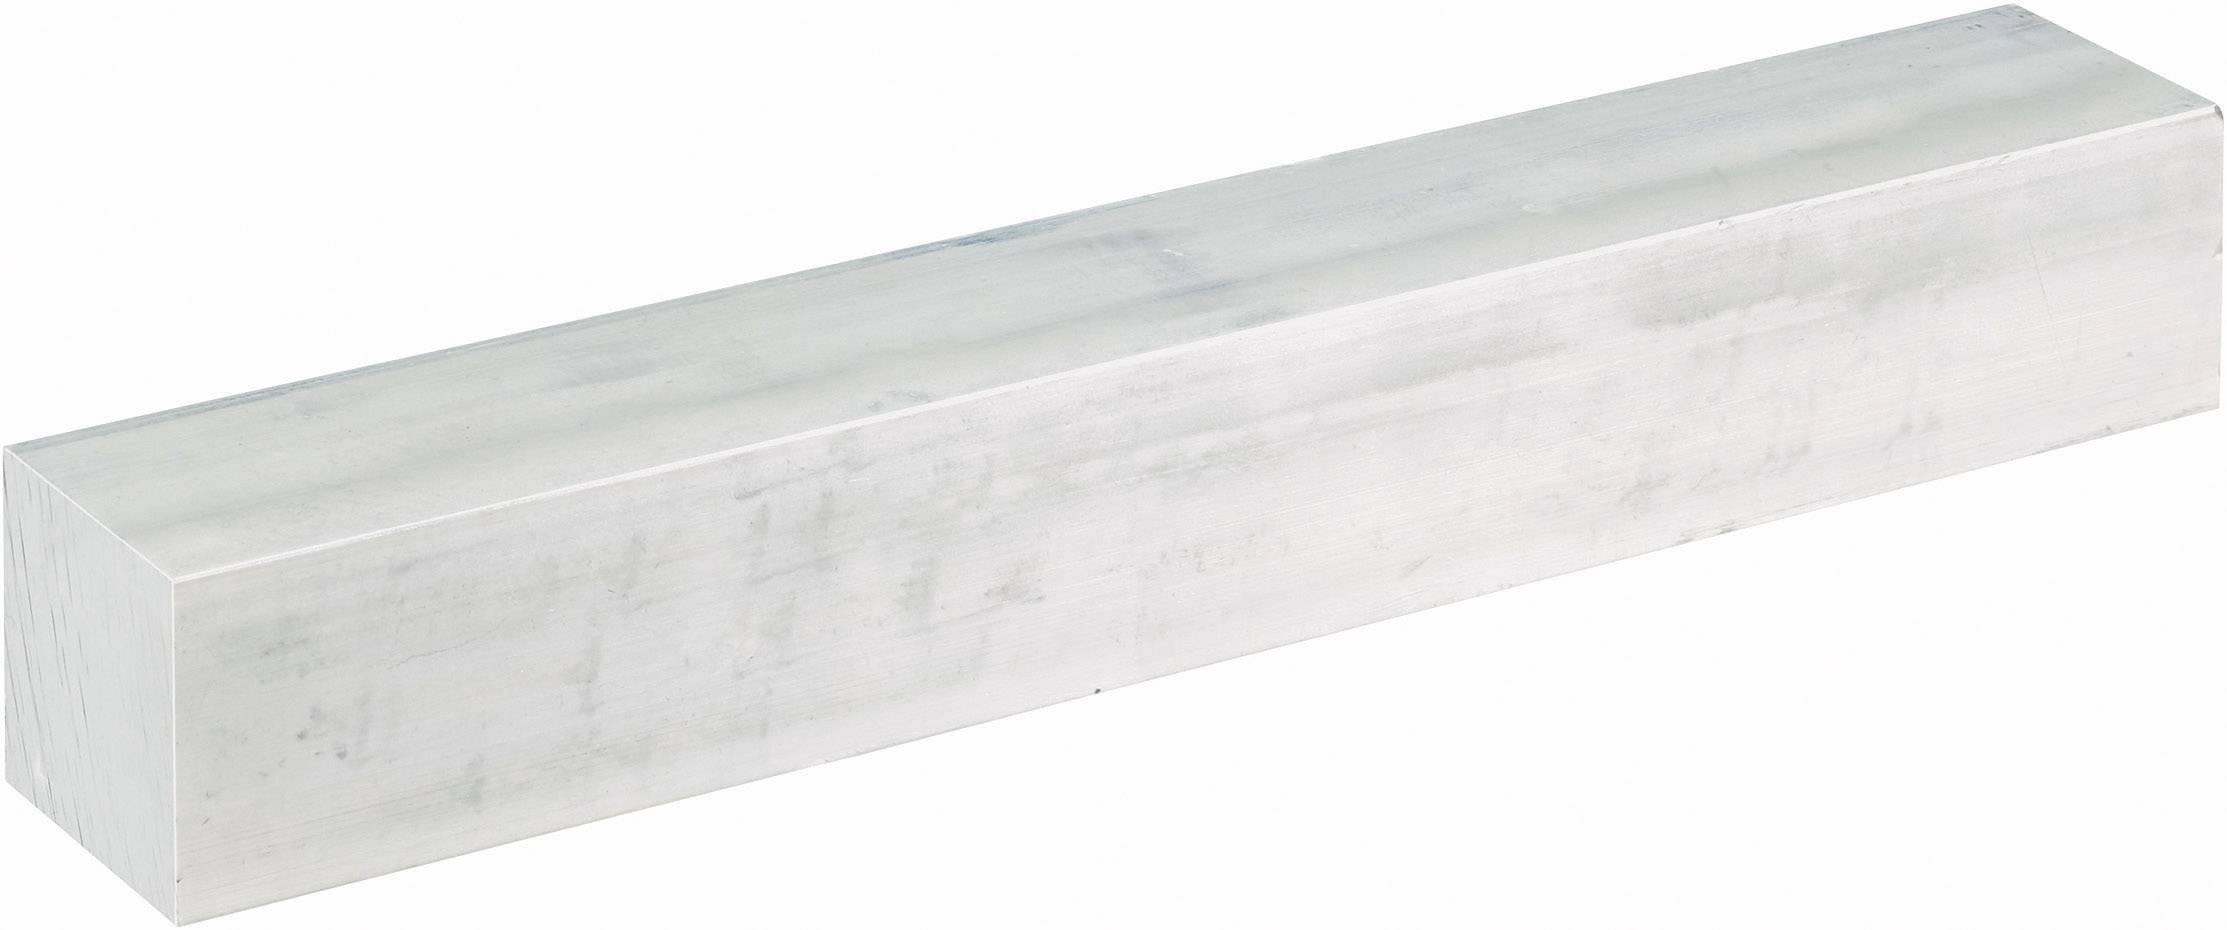 Profil Reely 222513, (d x š x v) 200 x 30 x 30 mm, hliník